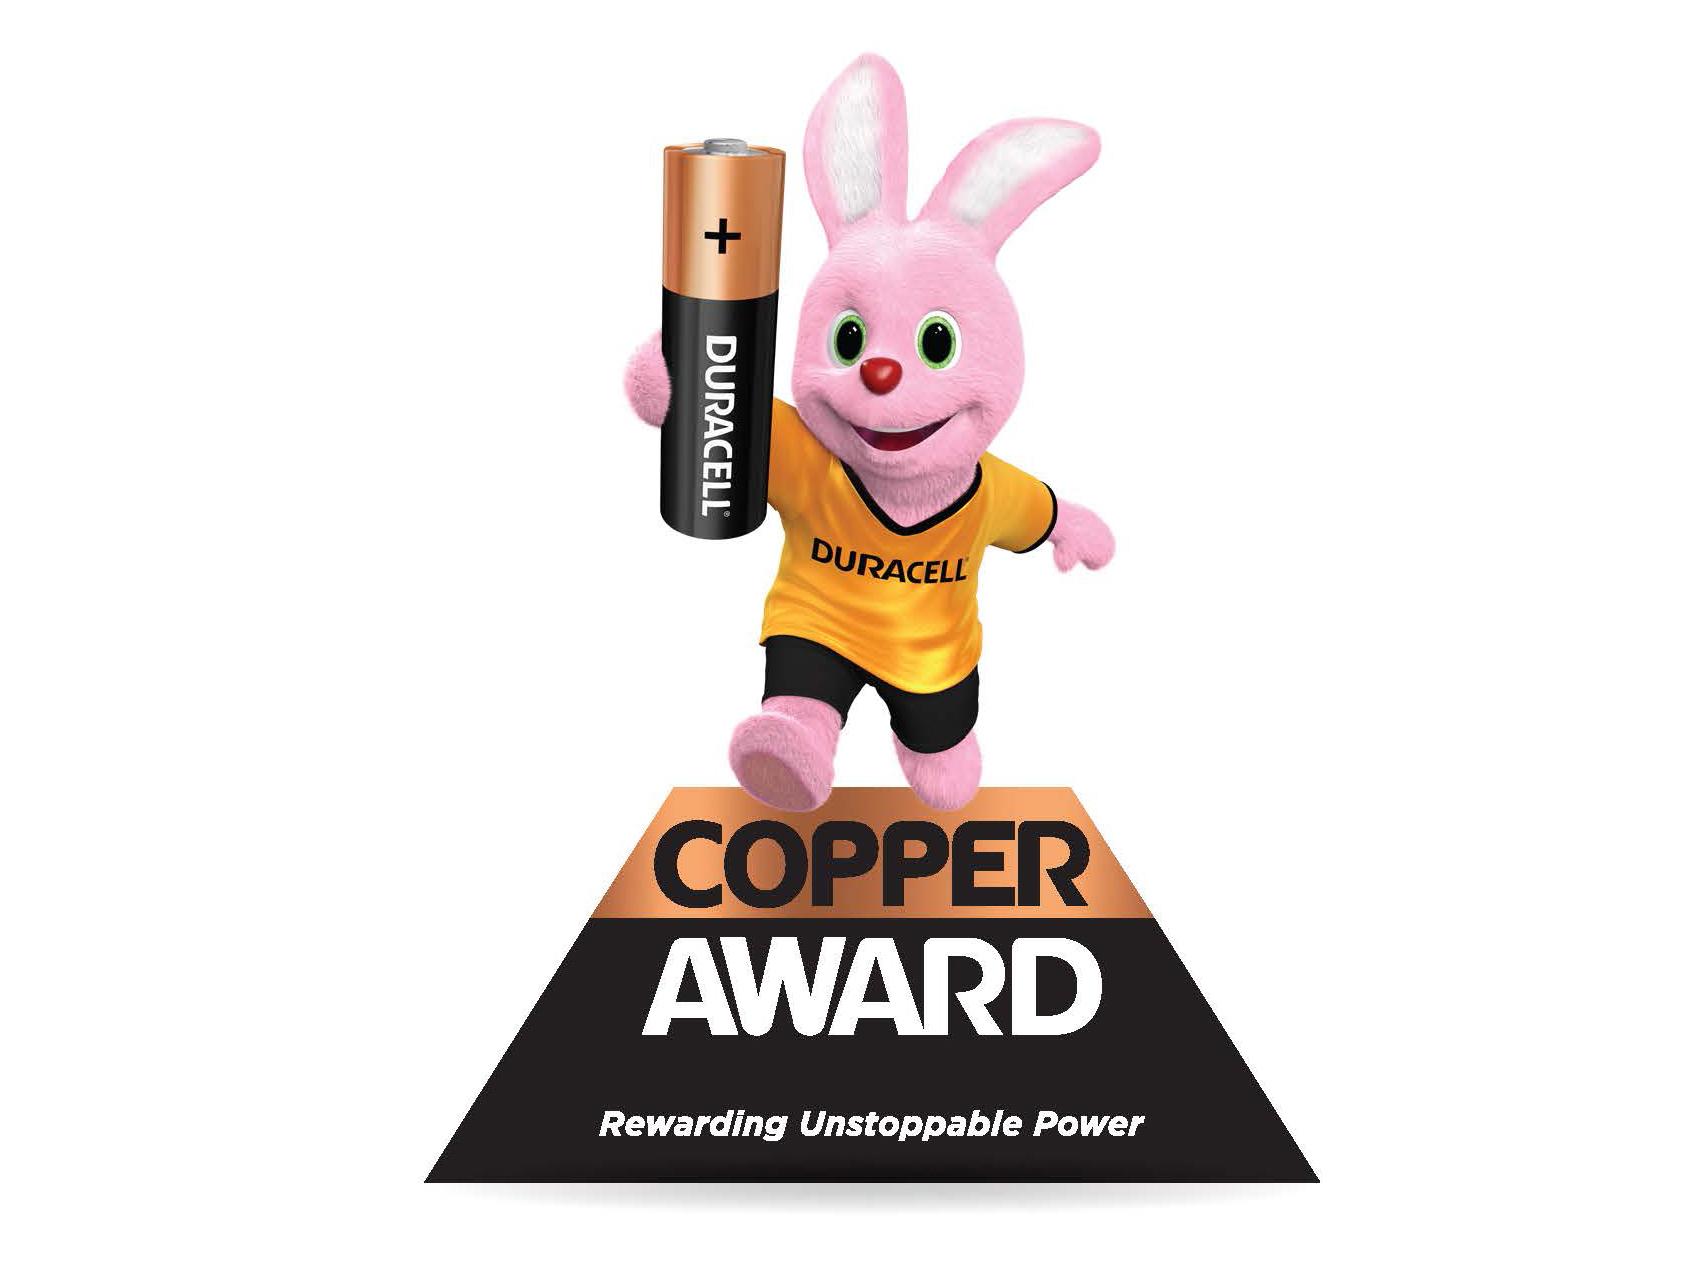 copper bunny figma